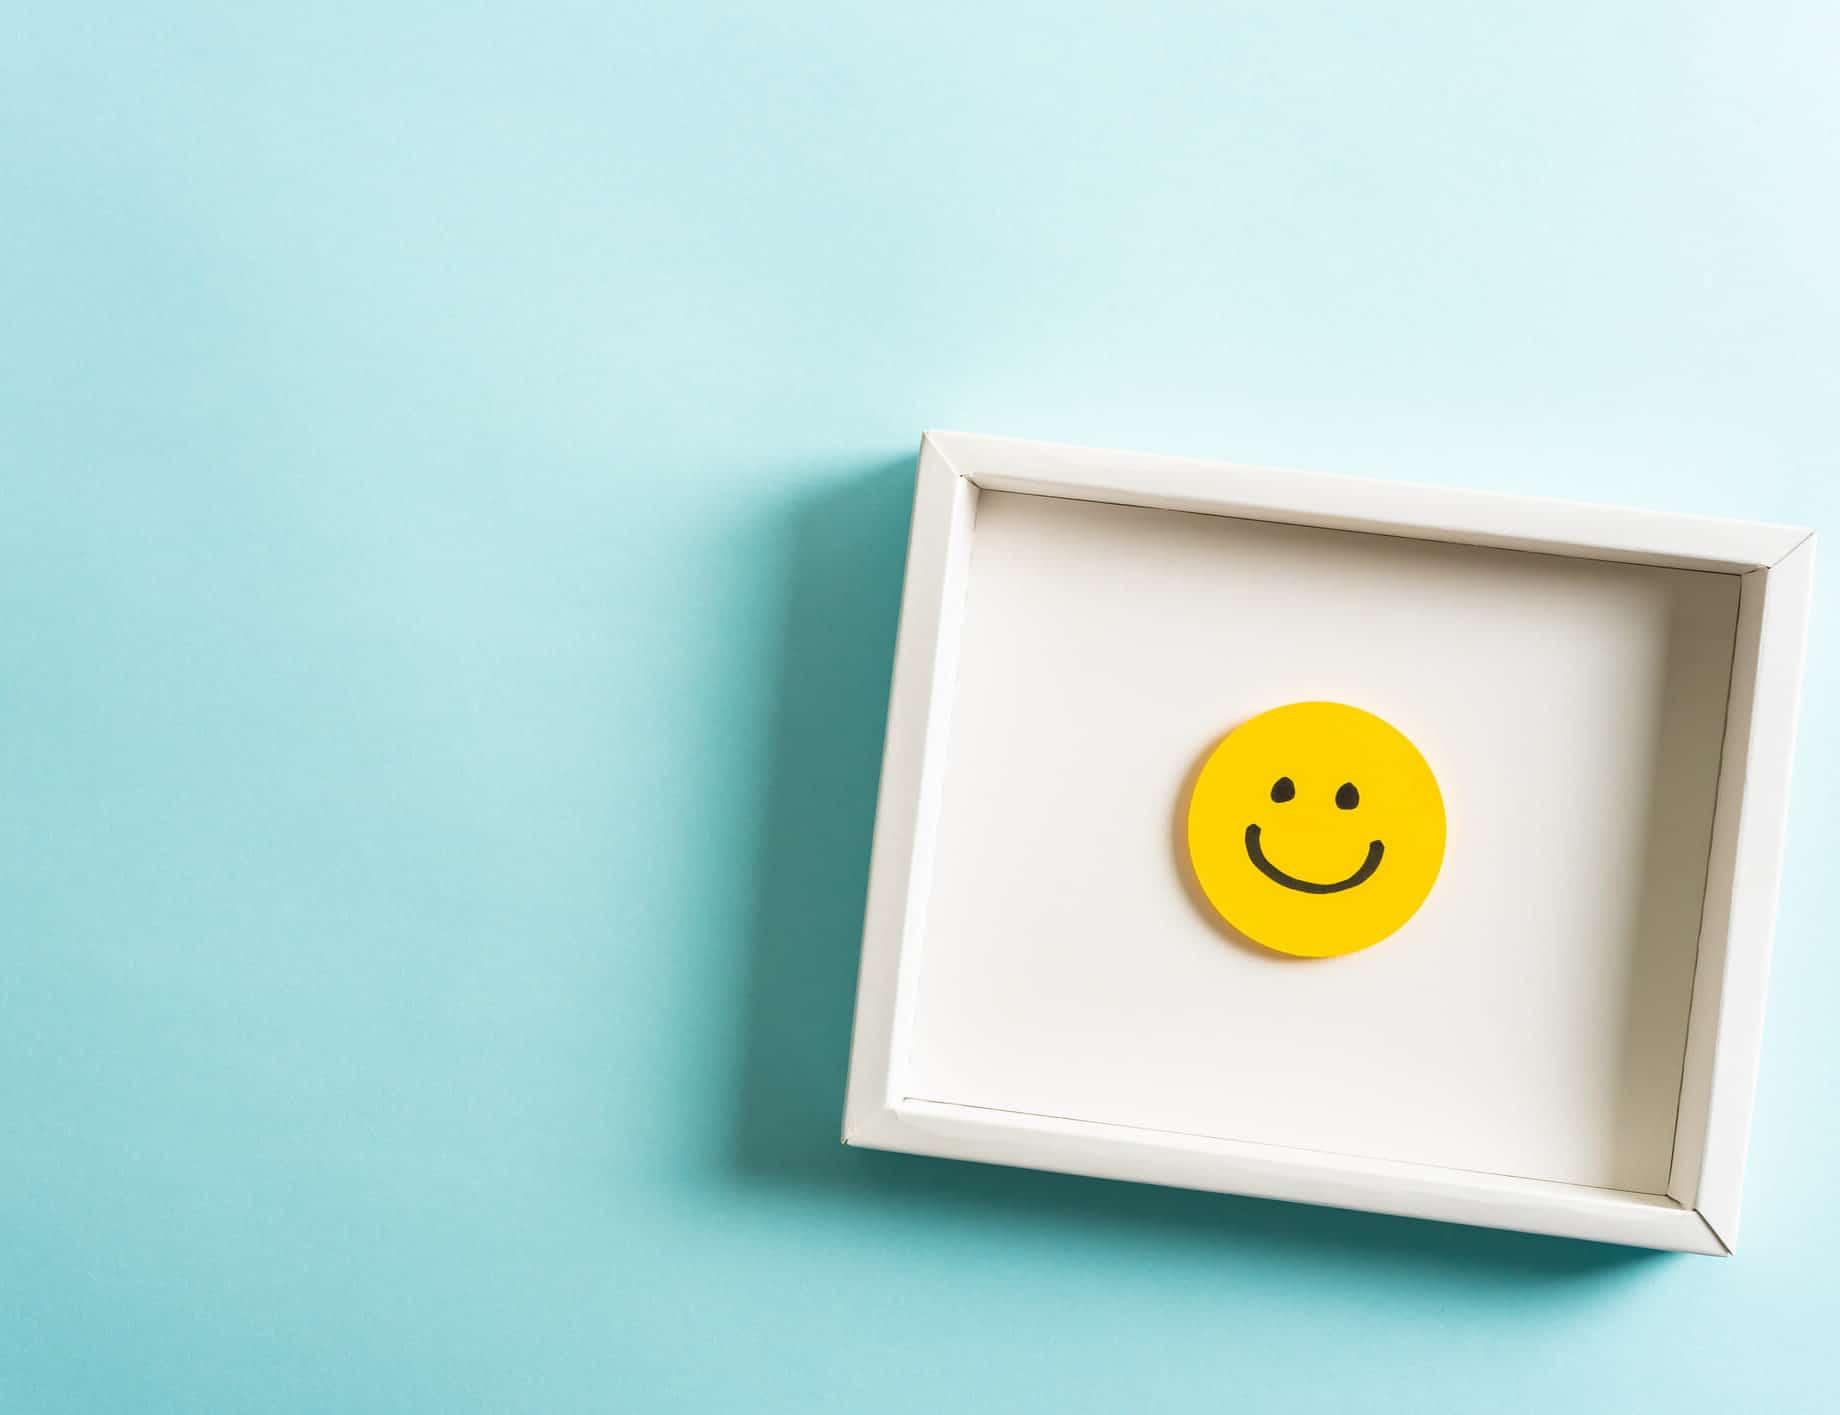 Não sabe como motivar os funcionários? Conheça 4 maneiras!